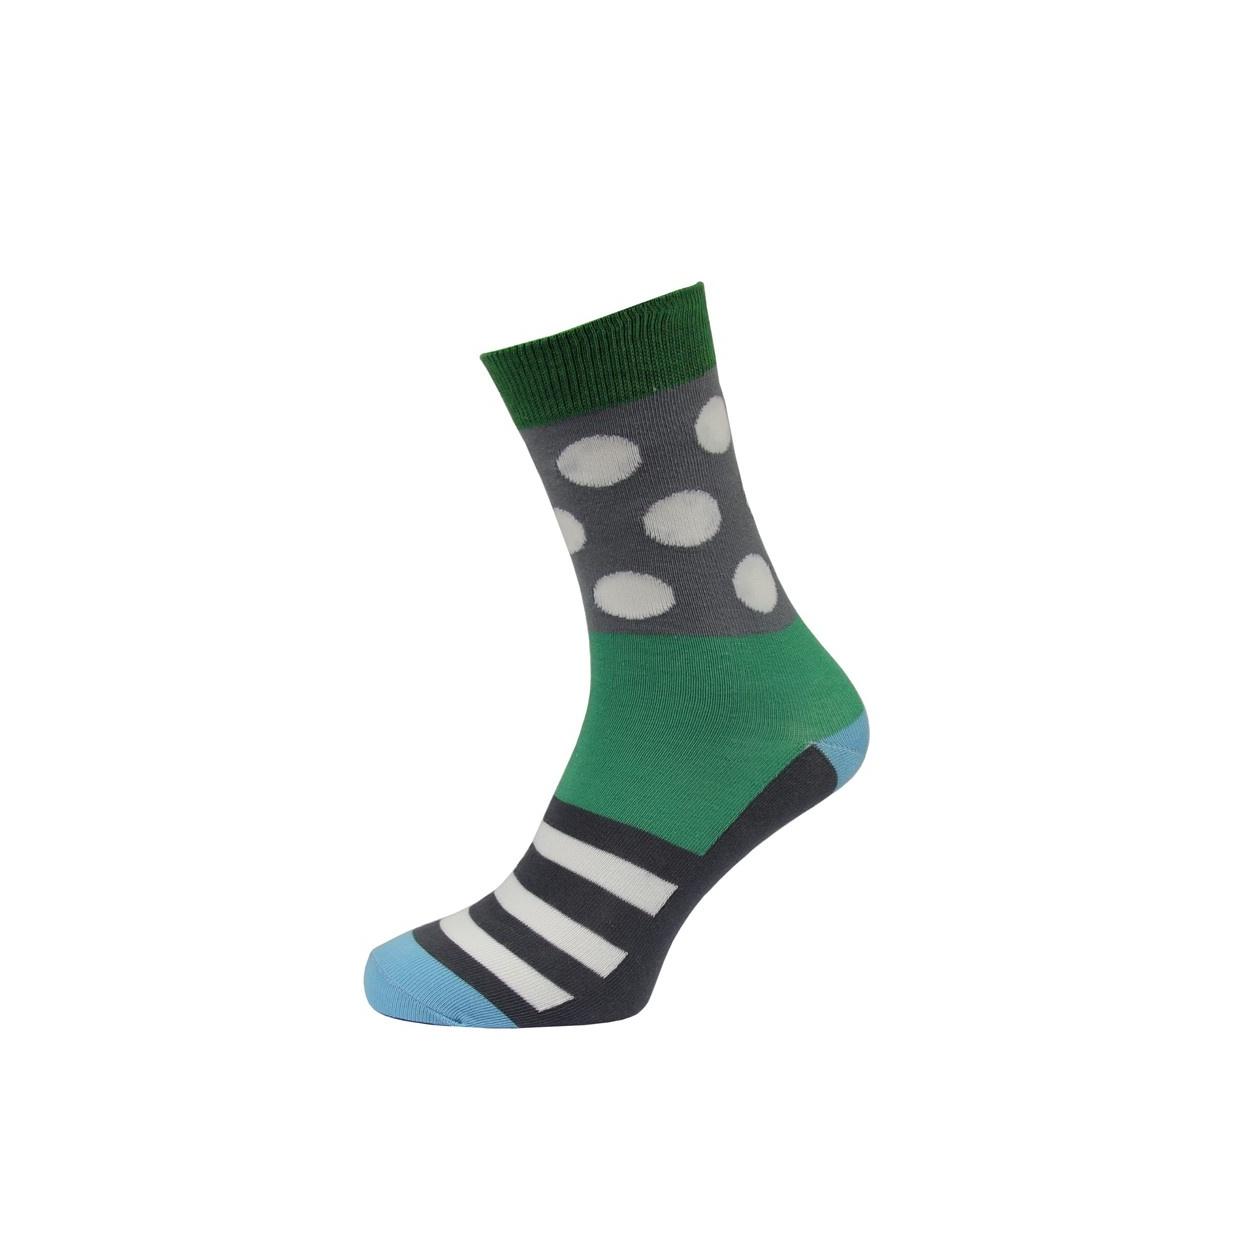 Šedo zelené pánské ponožky s bílými puntíky. Přidat do košíku 4855a98627